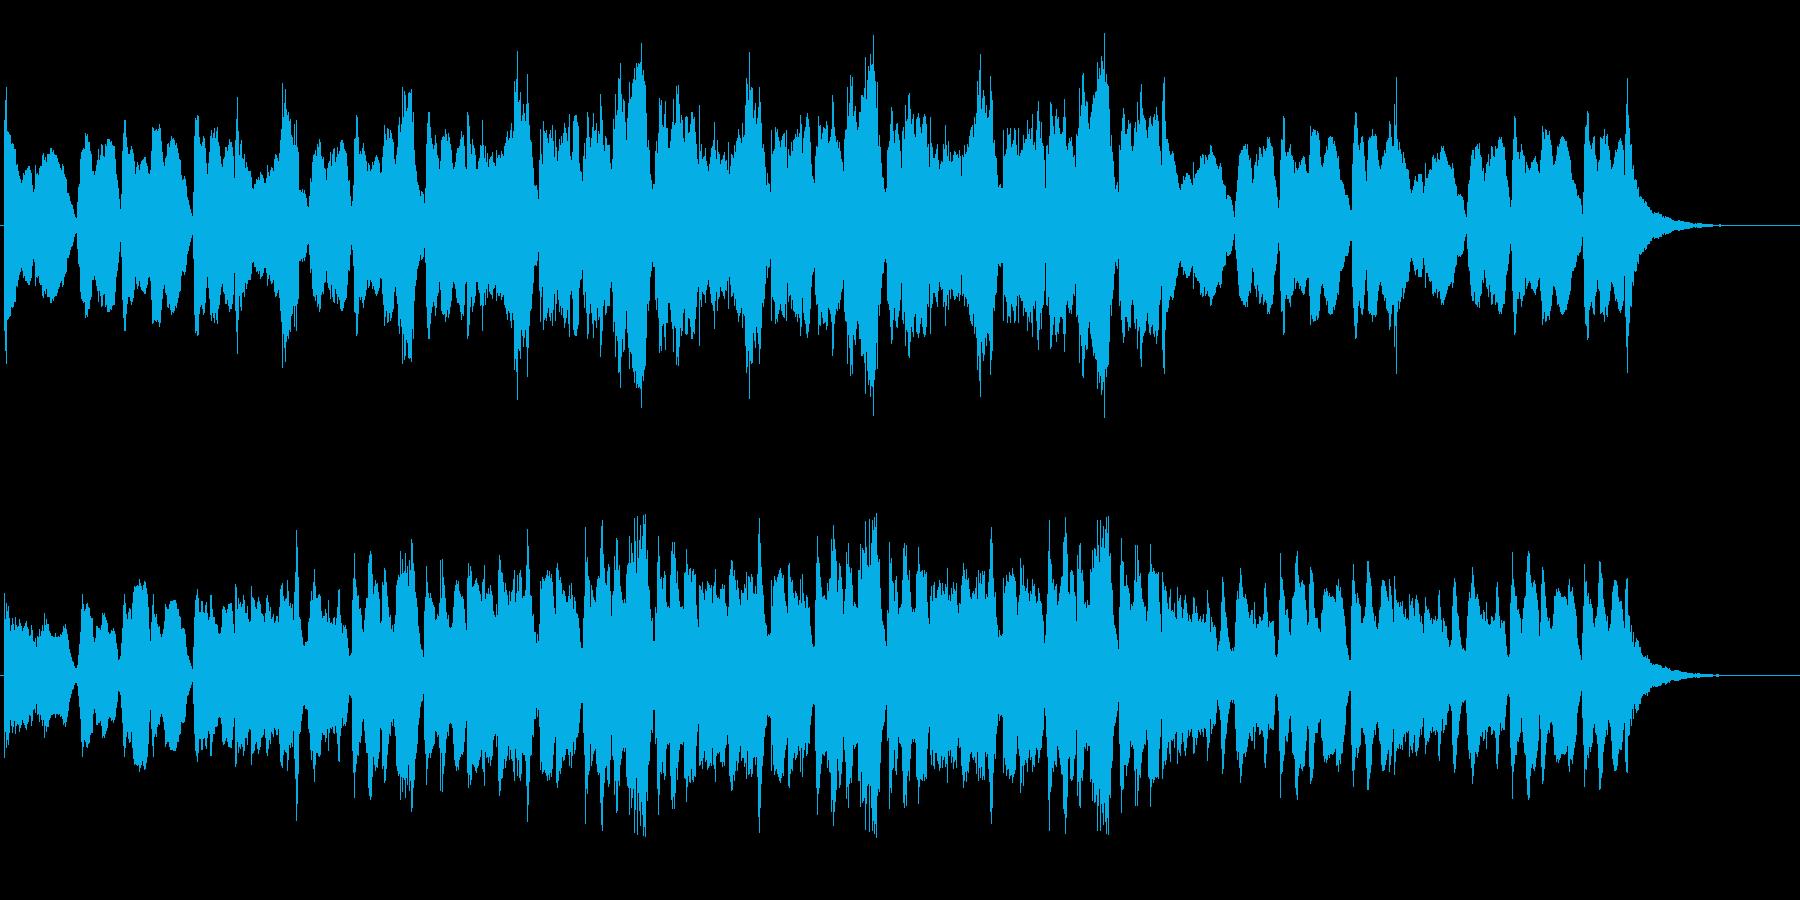 緊張感のあるリアルオーケストラサウンドの再生済みの波形